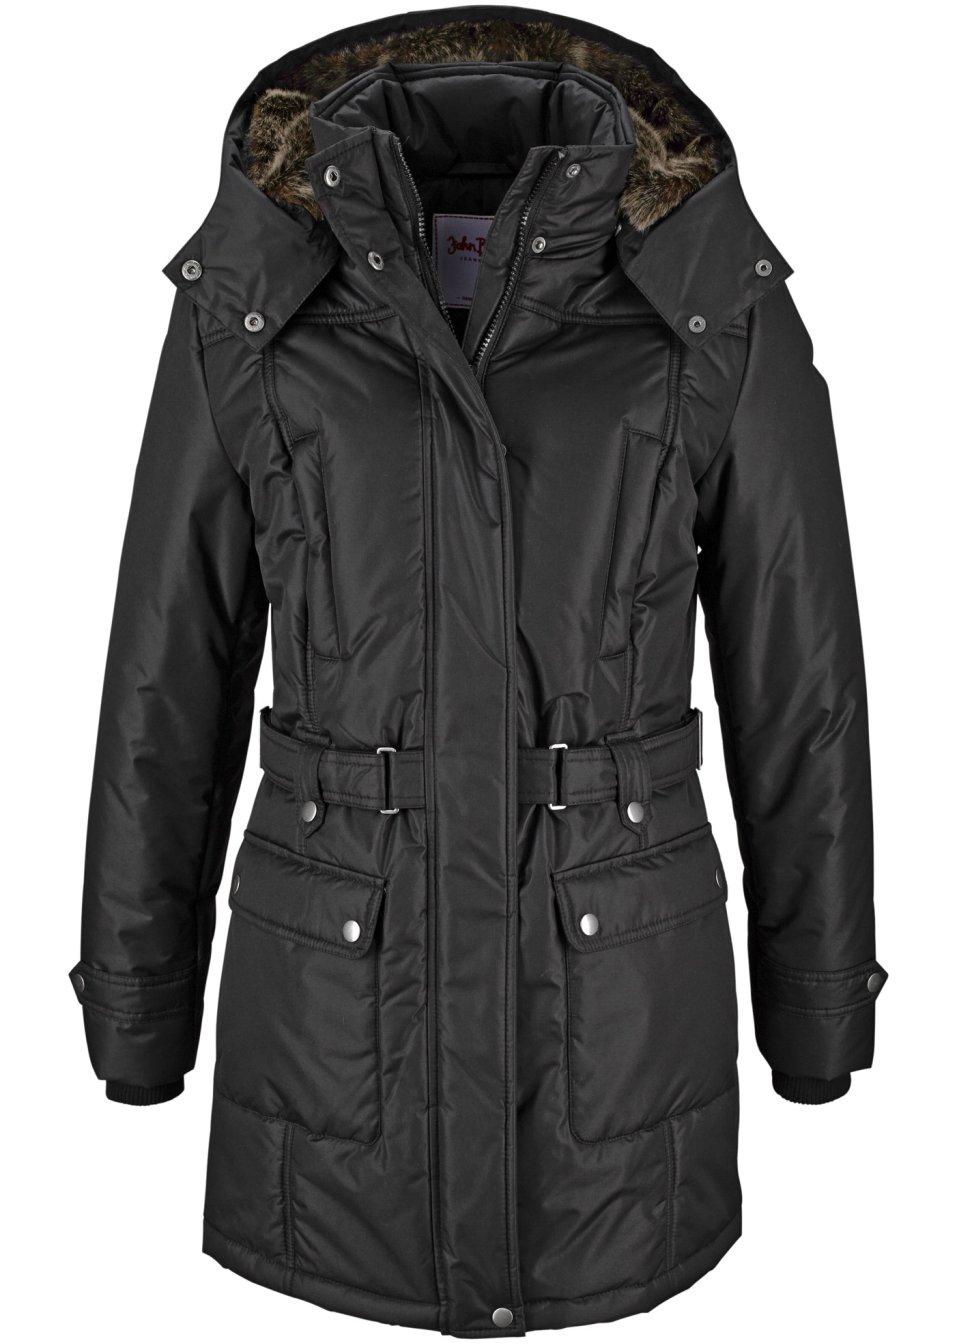 manteau d 39 hiver noir john baner jeanswear commande online. Black Bedroom Furniture Sets. Home Design Ideas